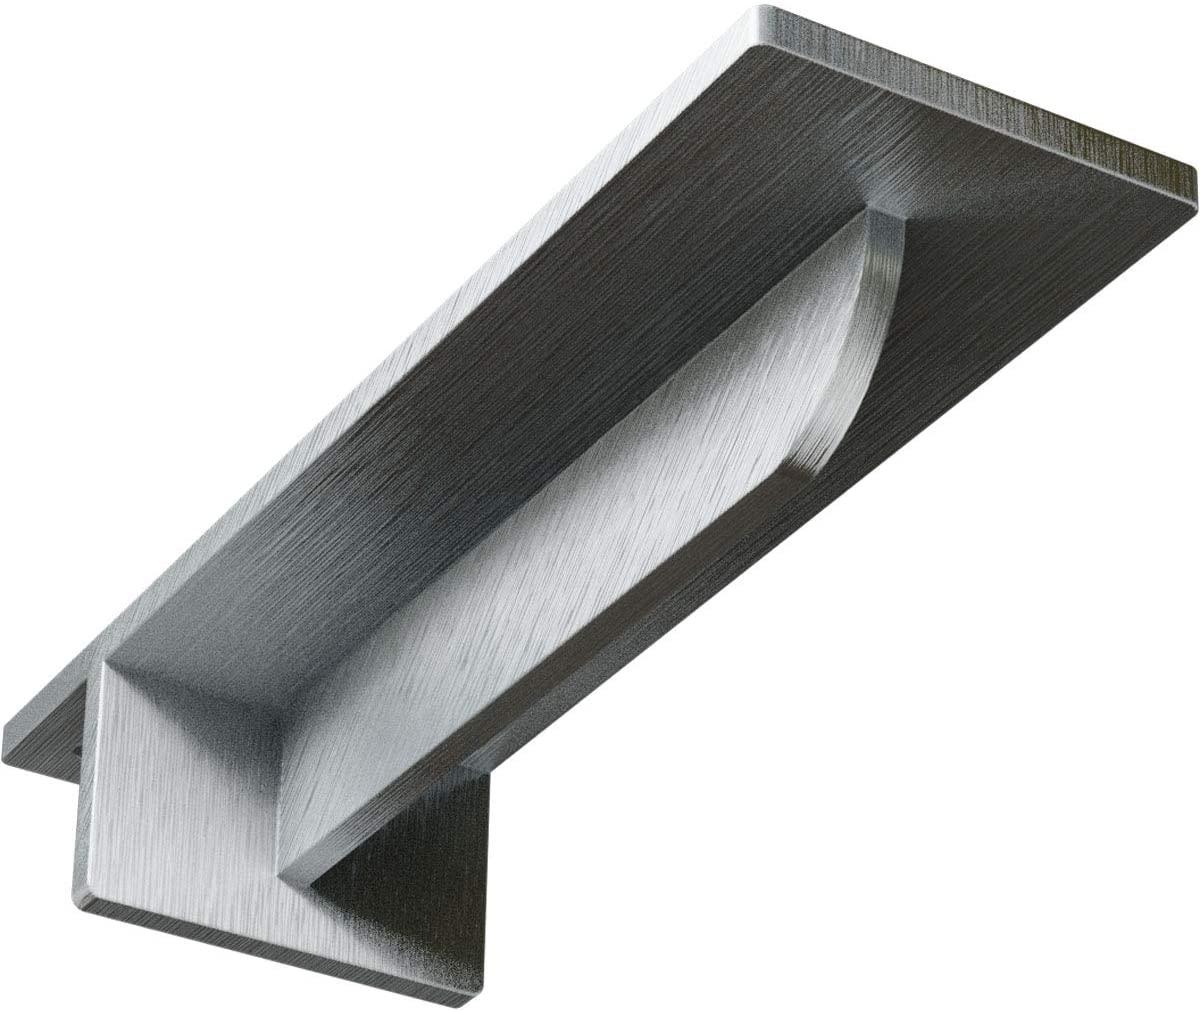 Ekena Millwork BKTM03X10X02HECRS-CASE-4 3 W x 10 D x 2 H Heaton Hidden Bracket with 6 Support Depth, Steel (4-Pack), 4 Piece